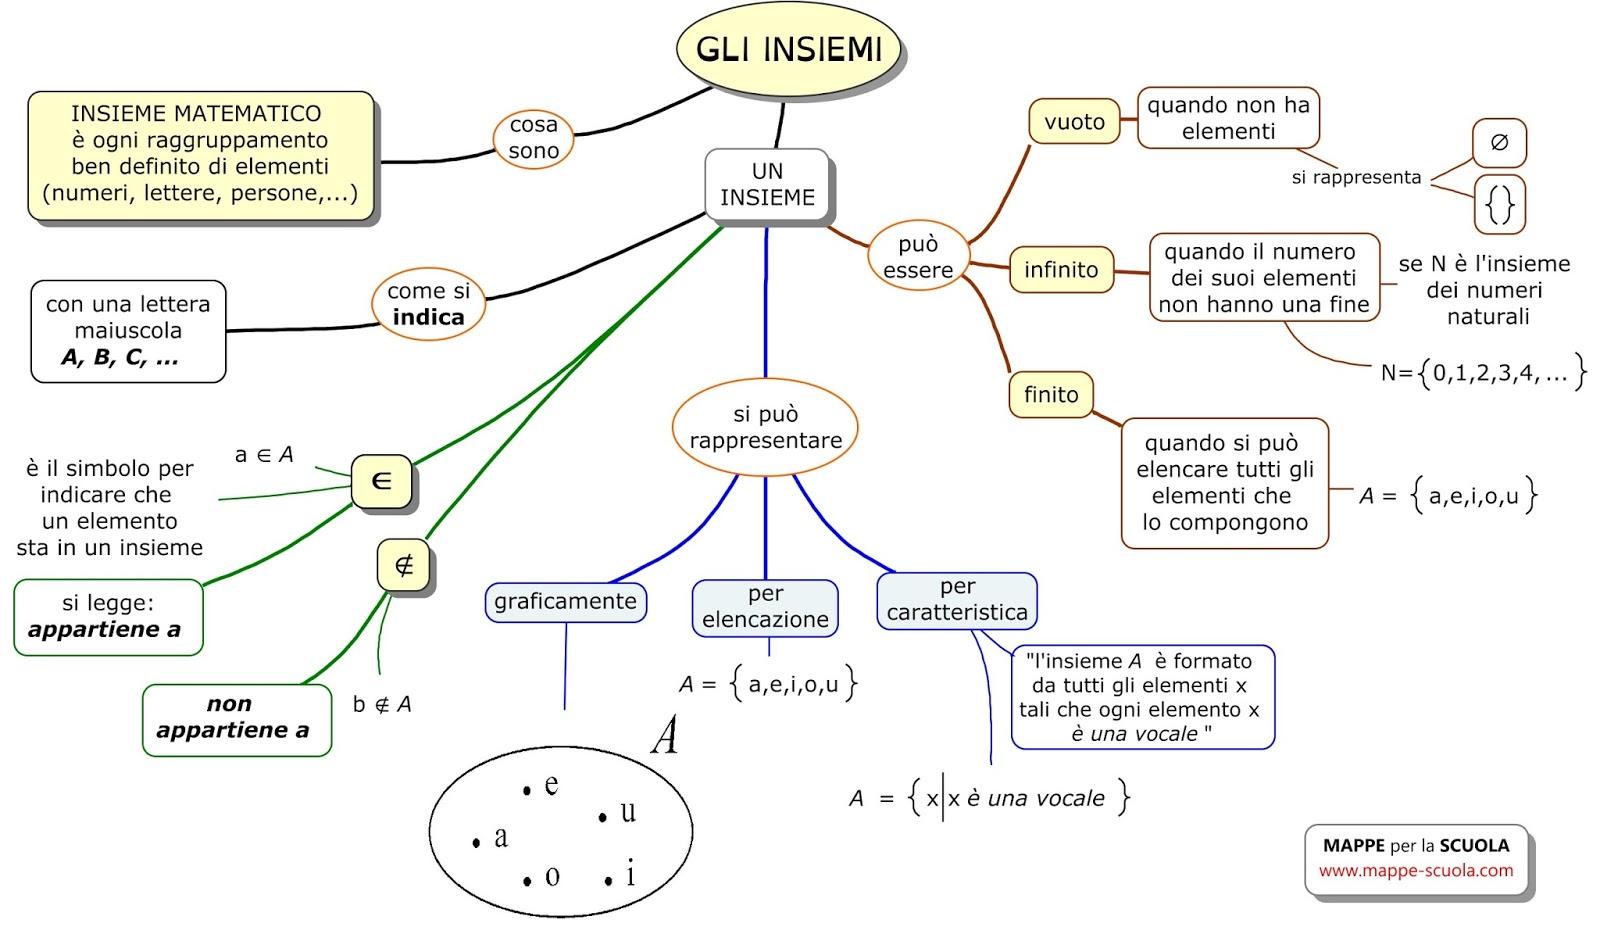 Mappe Per La Scuola Gli Insiemi Matematica